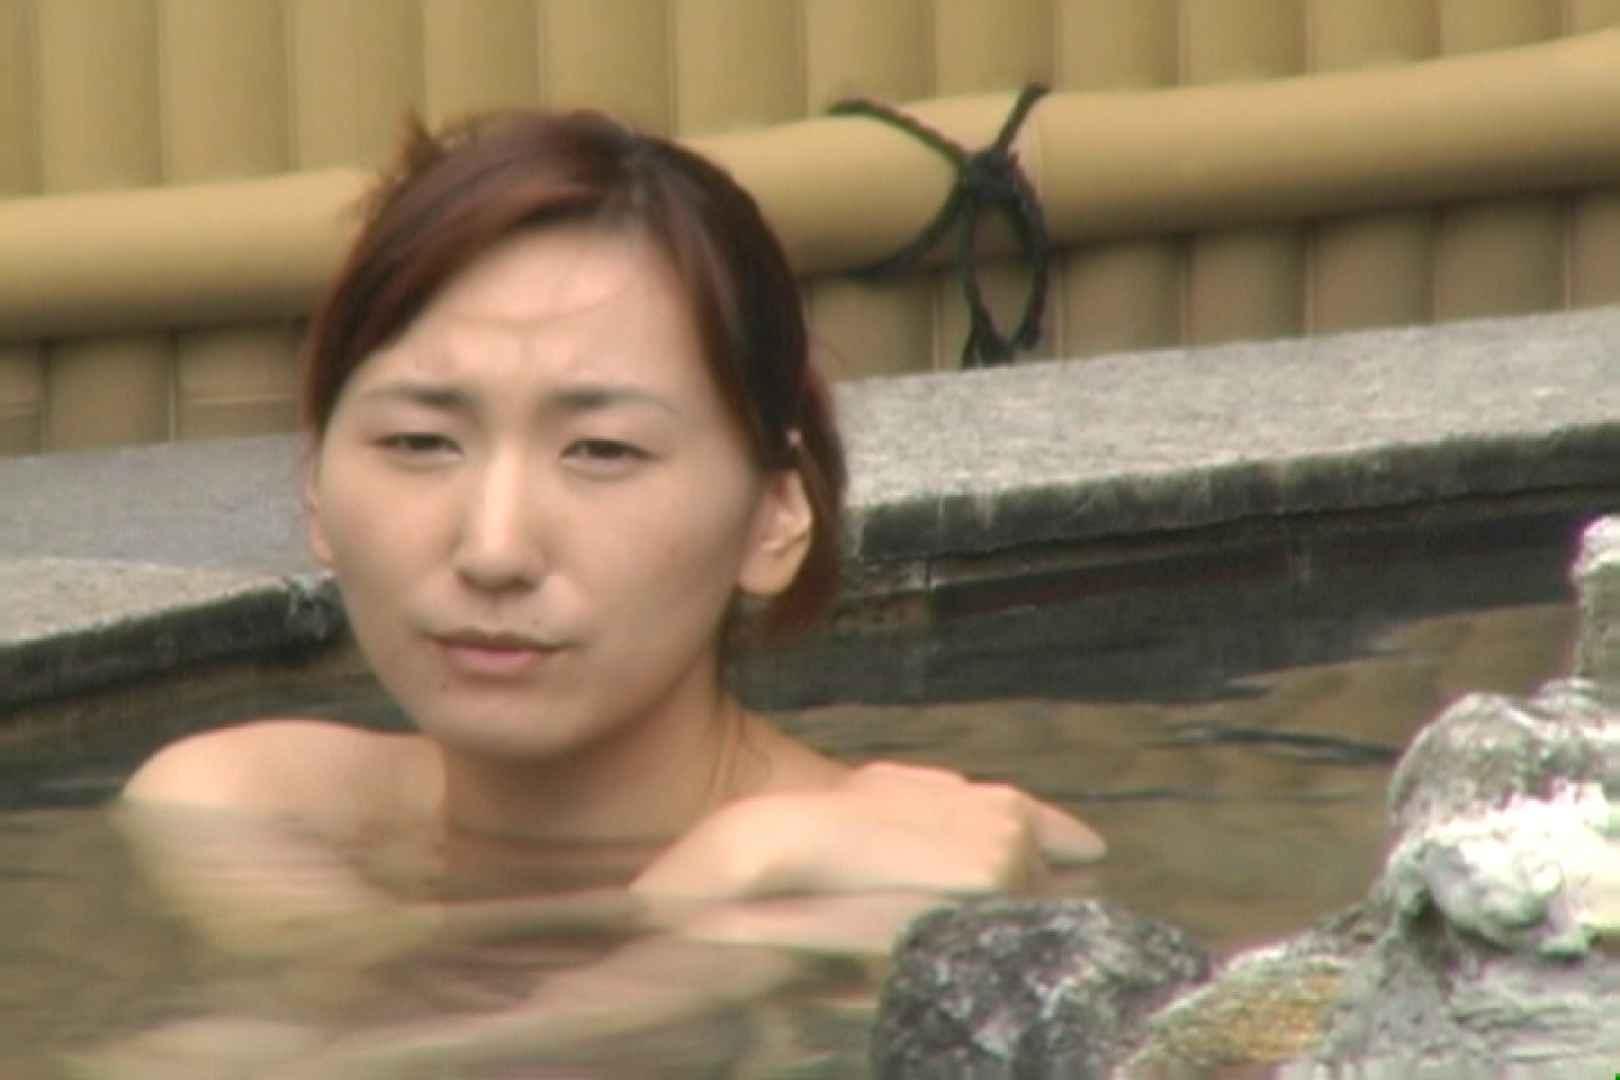 Aquaな露天風呂Vol.616 盗撮 性交動画流出 99画像 35